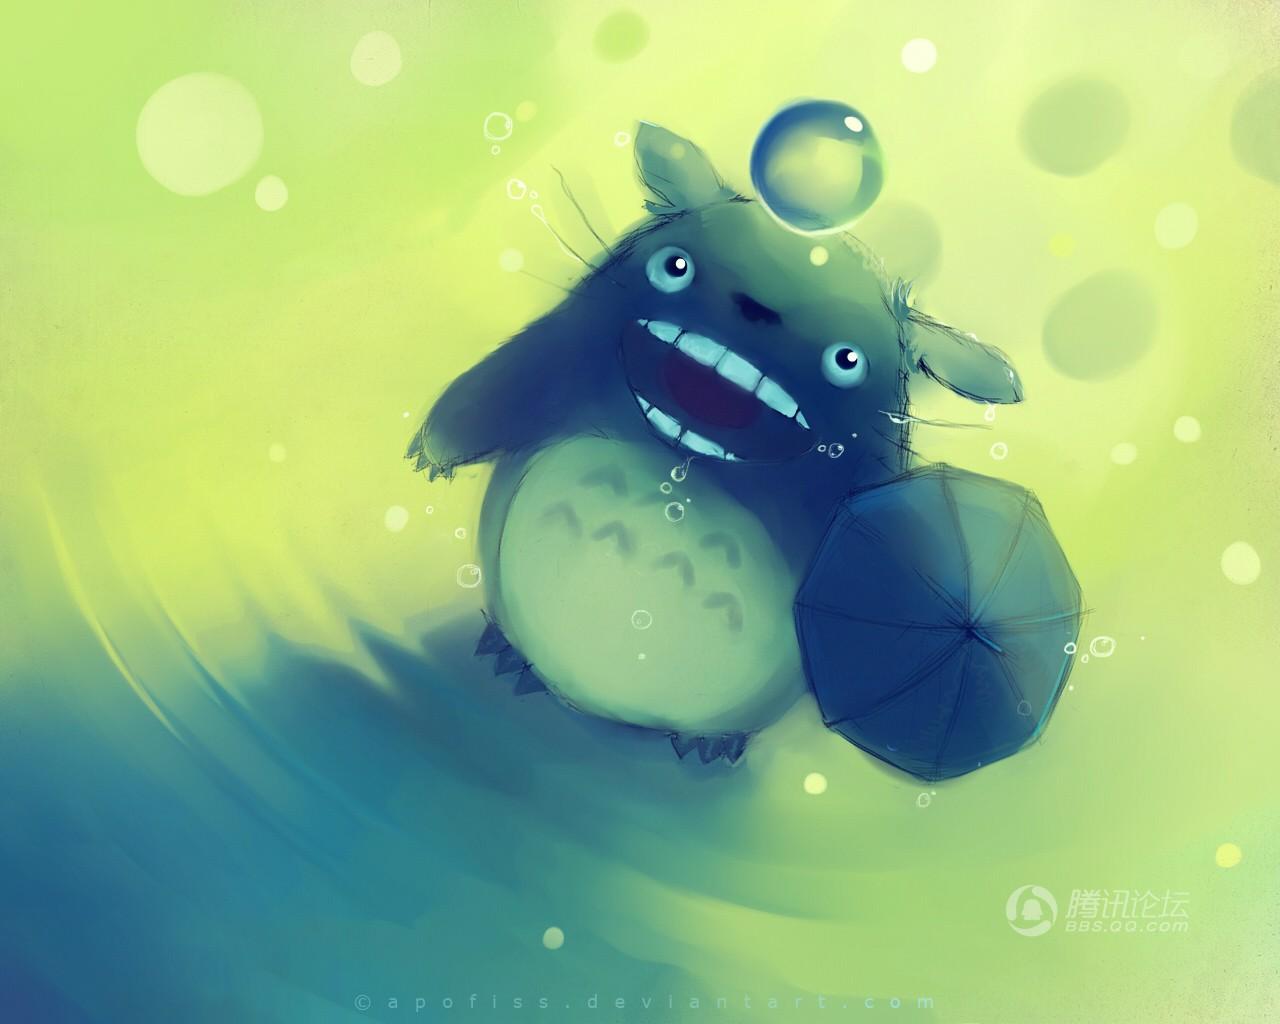 梦幻风景图 几位妹纸 动漫图秀 动漫论坛 powered by